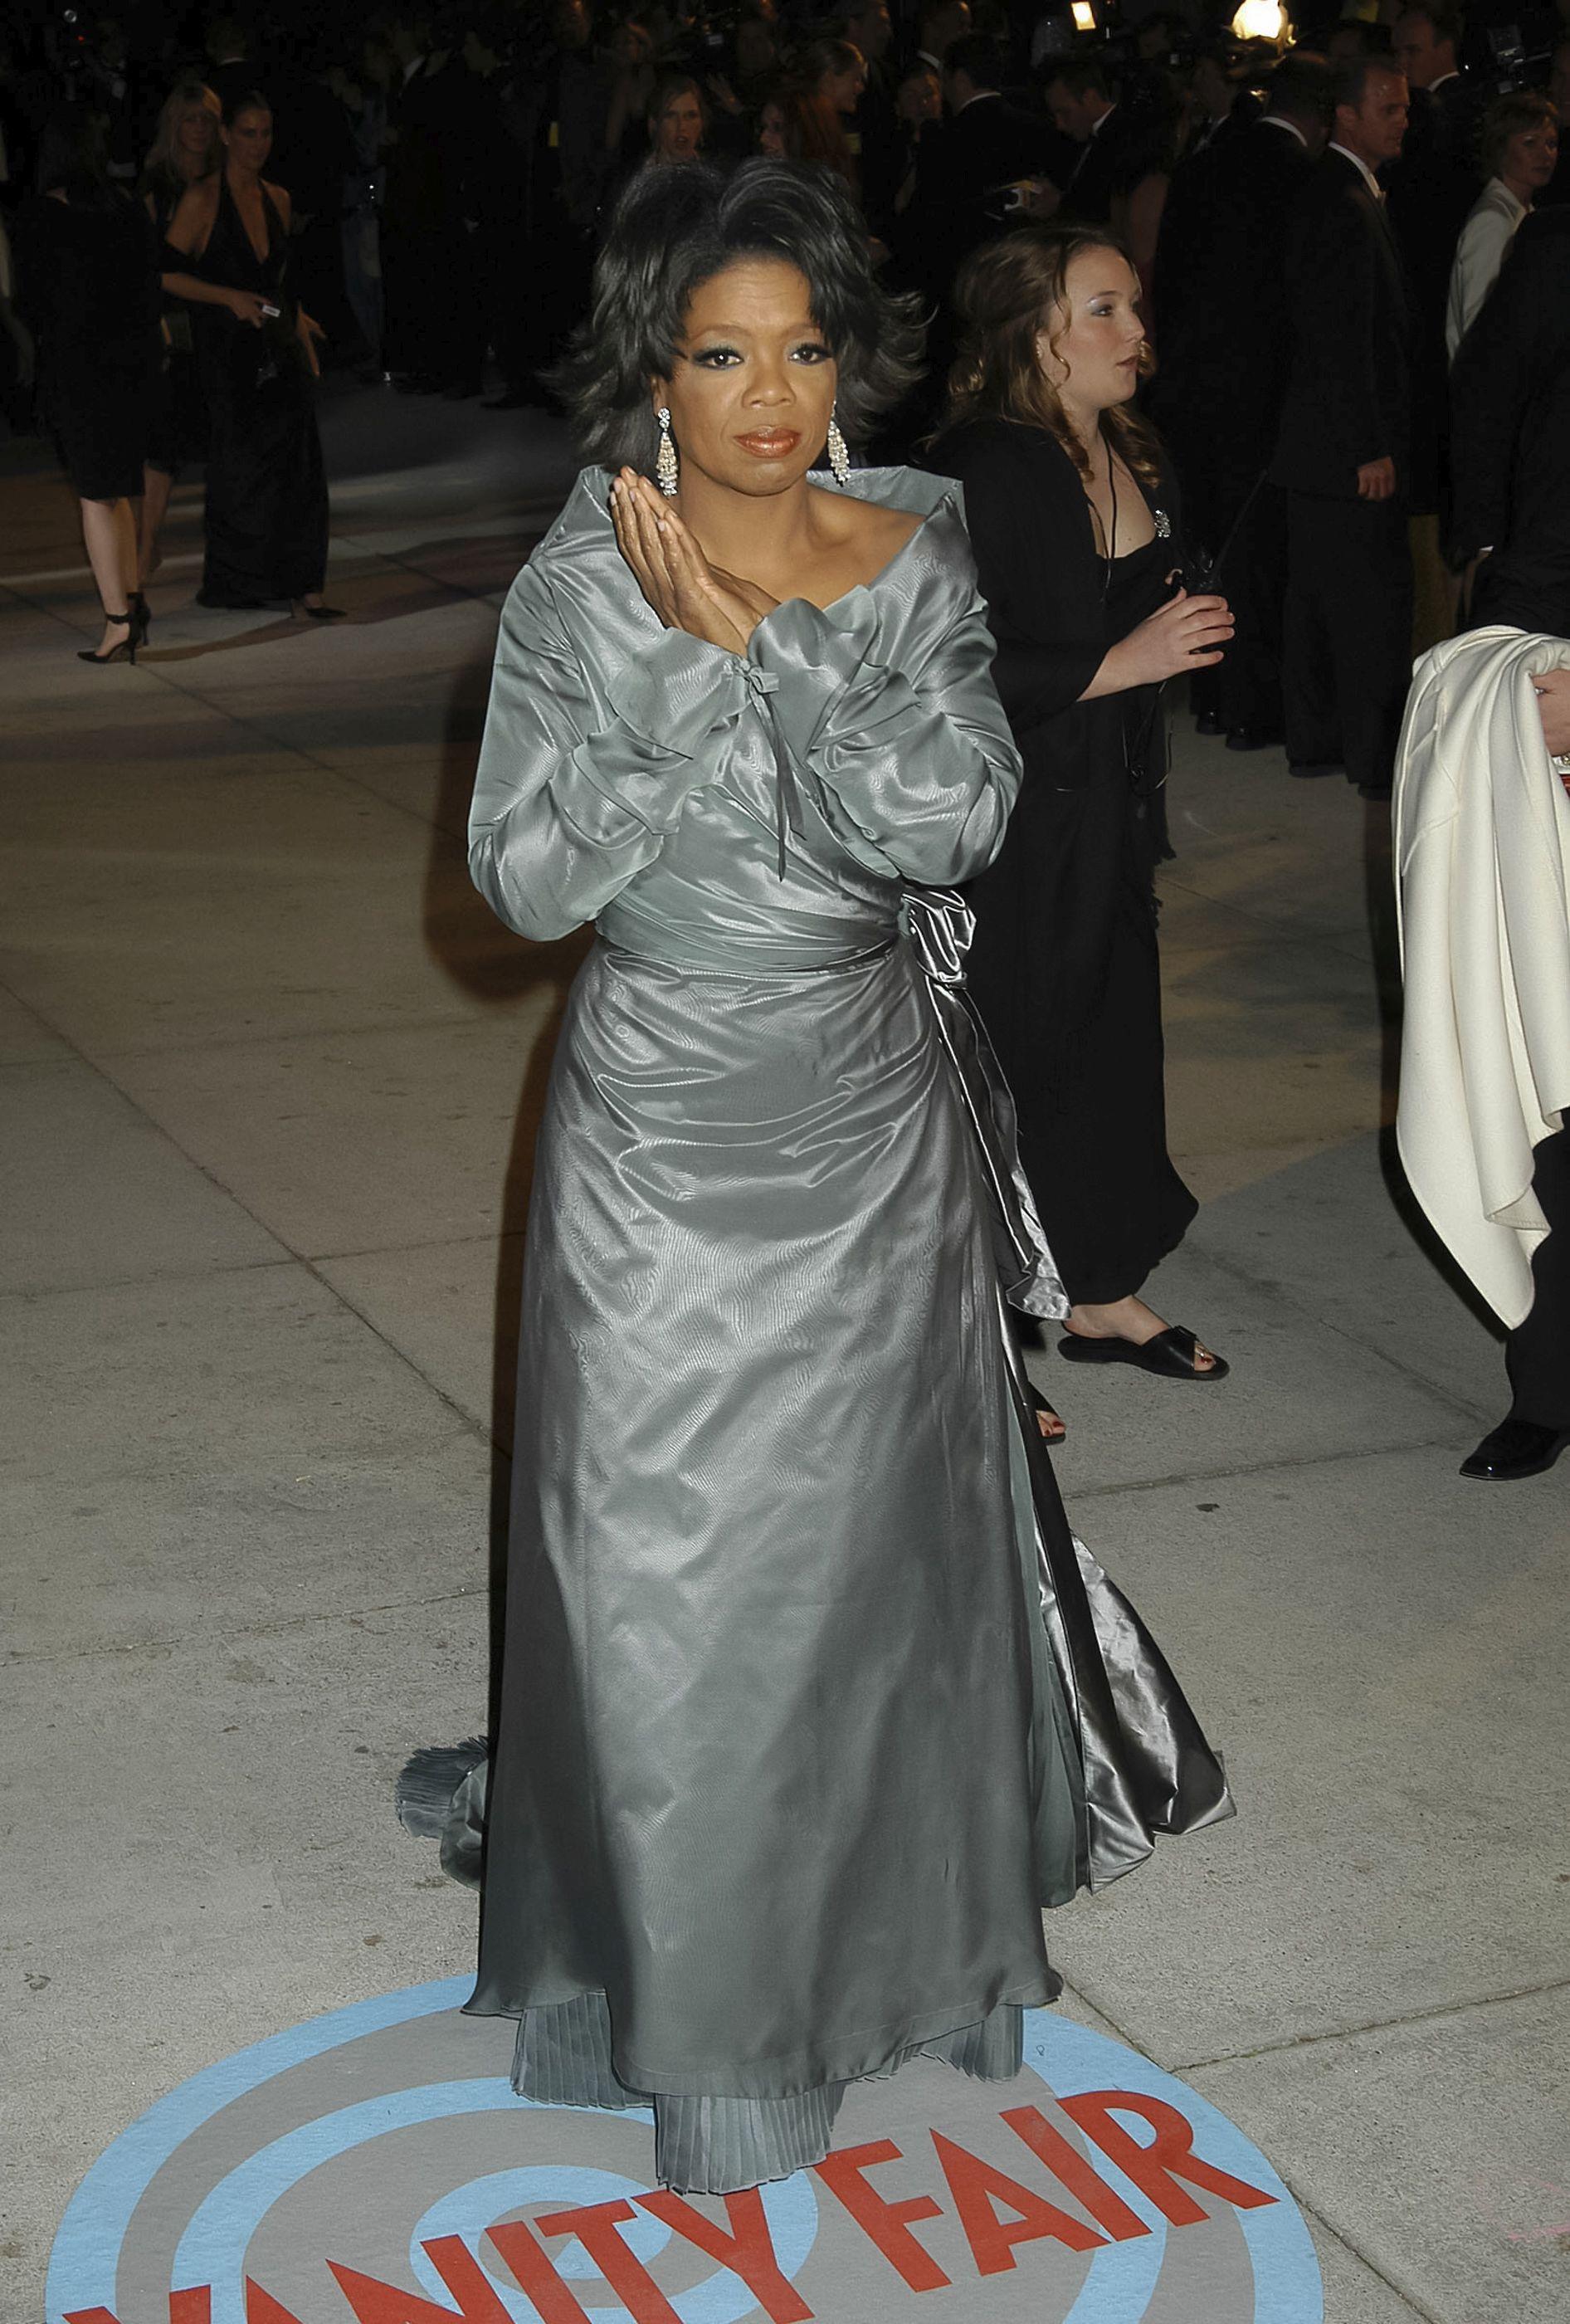 Motivul pentru care Oprah nu a vrut să se căsătorească sau să aibă copii